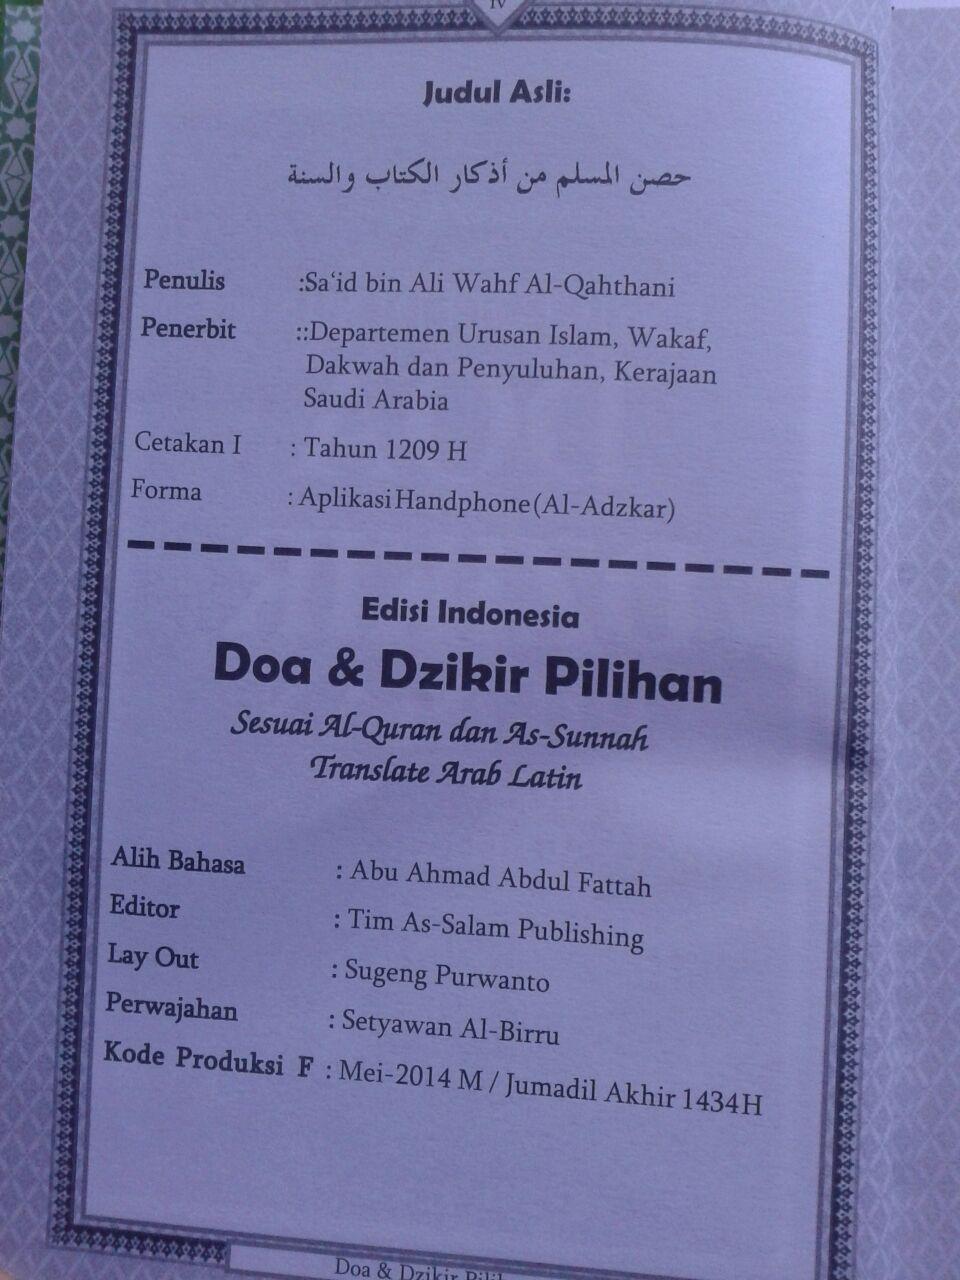 Buku Hisnul Muslim Ensiklopedi Mini Doa & Dzikir Pilihan isi 3